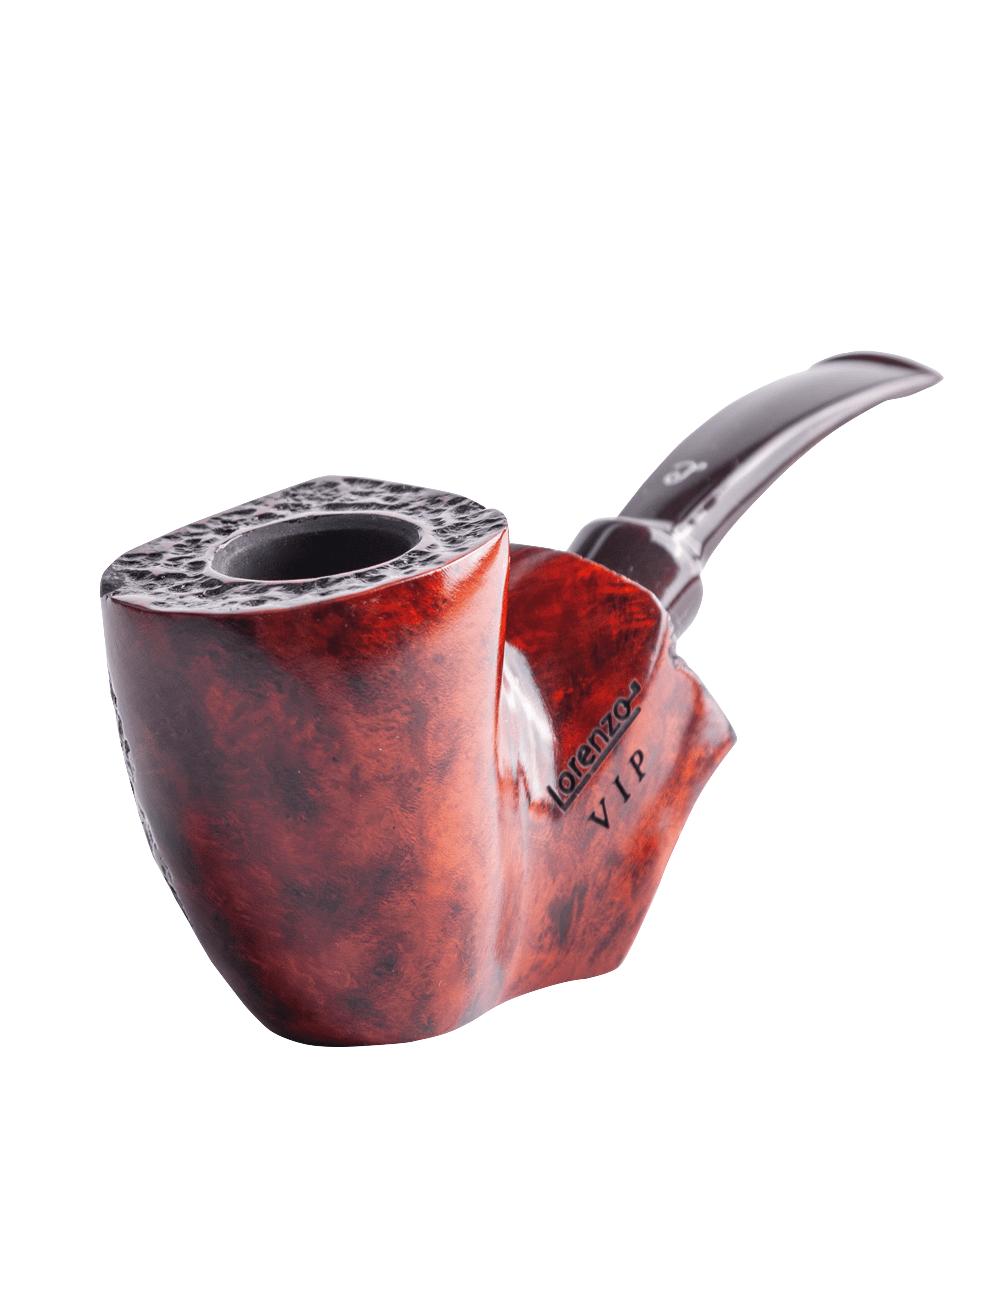 Vip rubino 7290